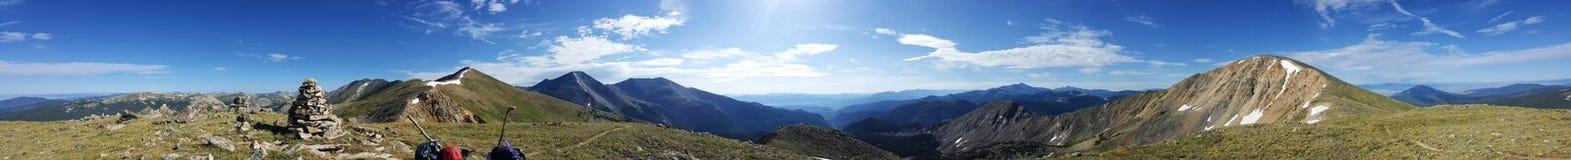 Colorado-Berglandschaft lizenzfreie stockfotografie